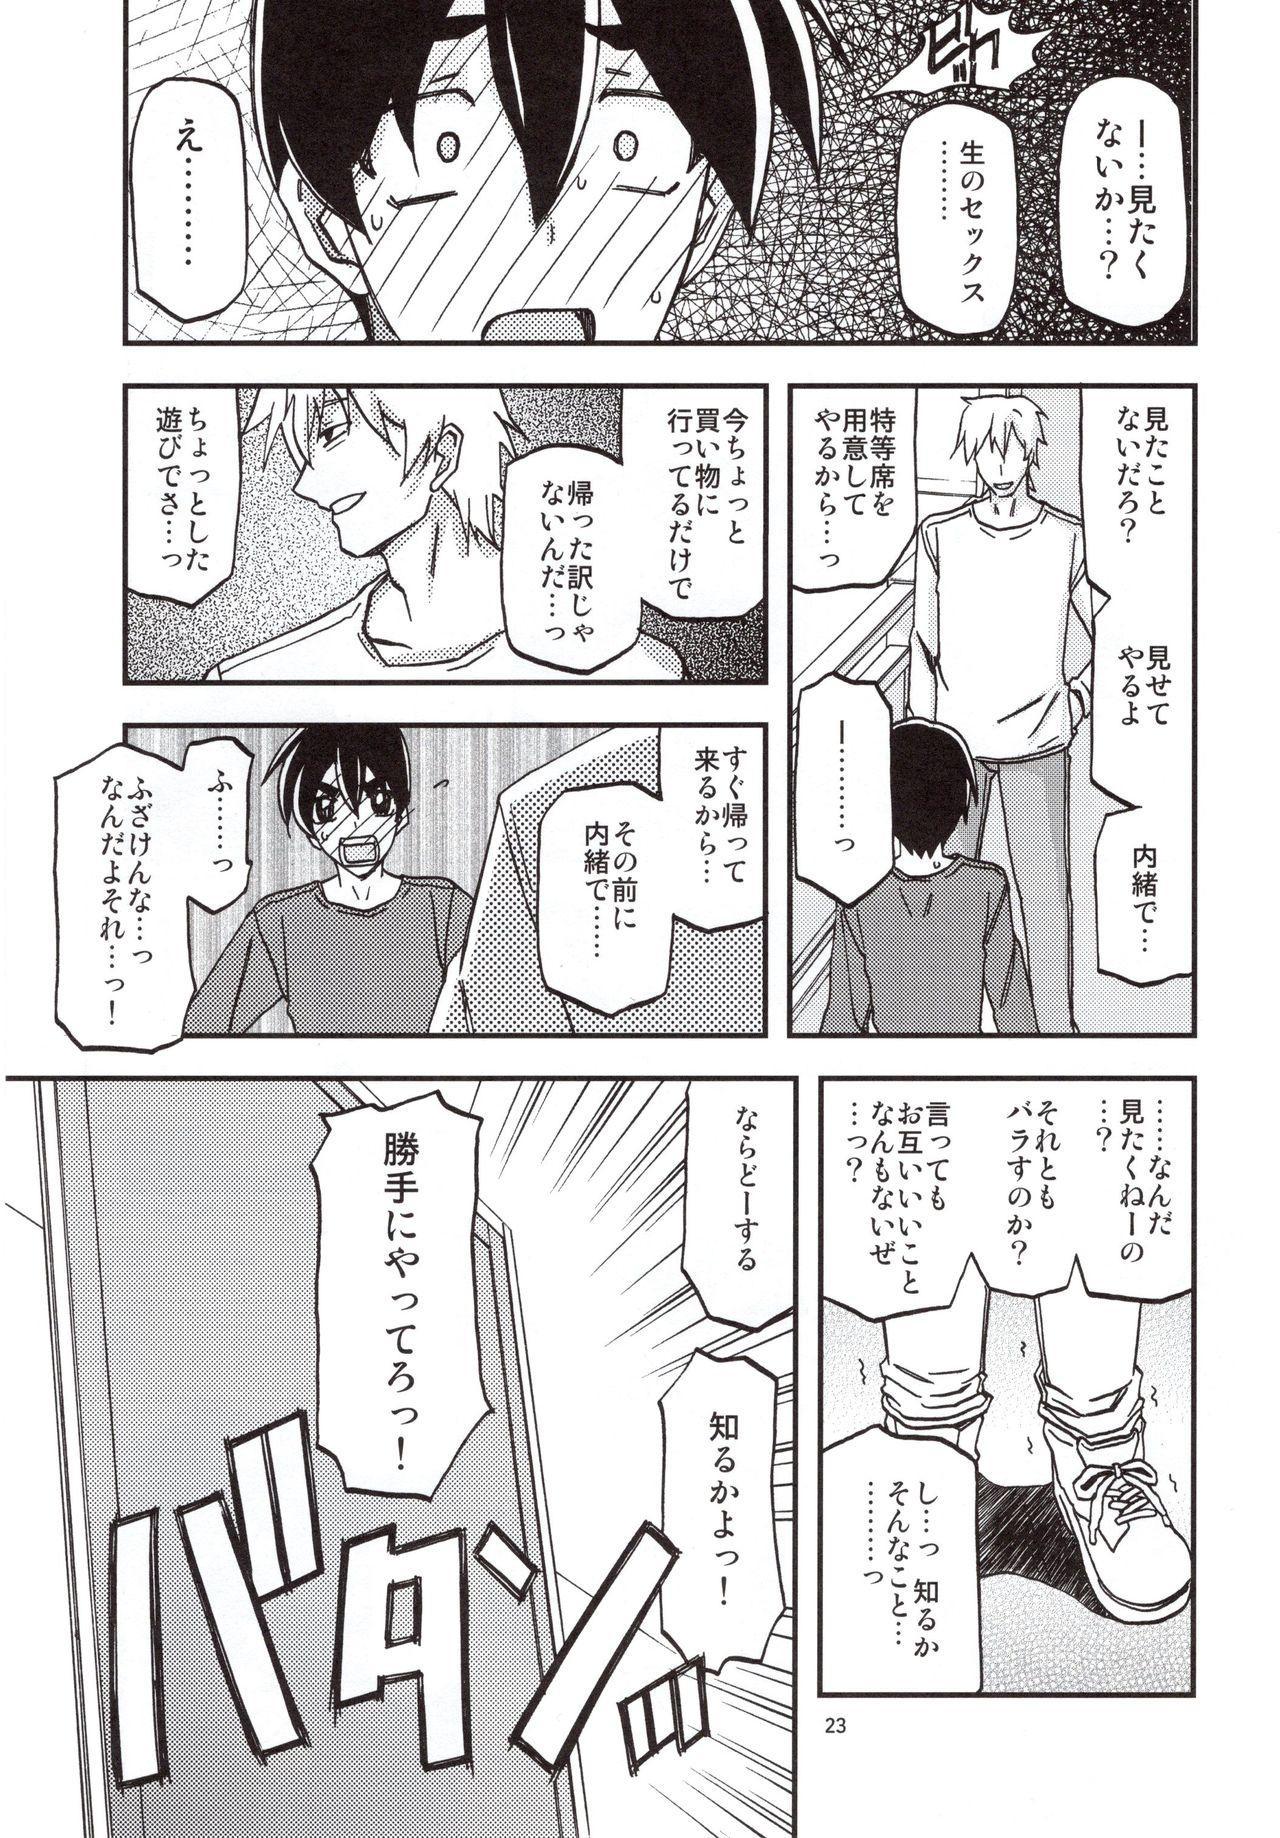 Yama Hime no Mi Orie 21